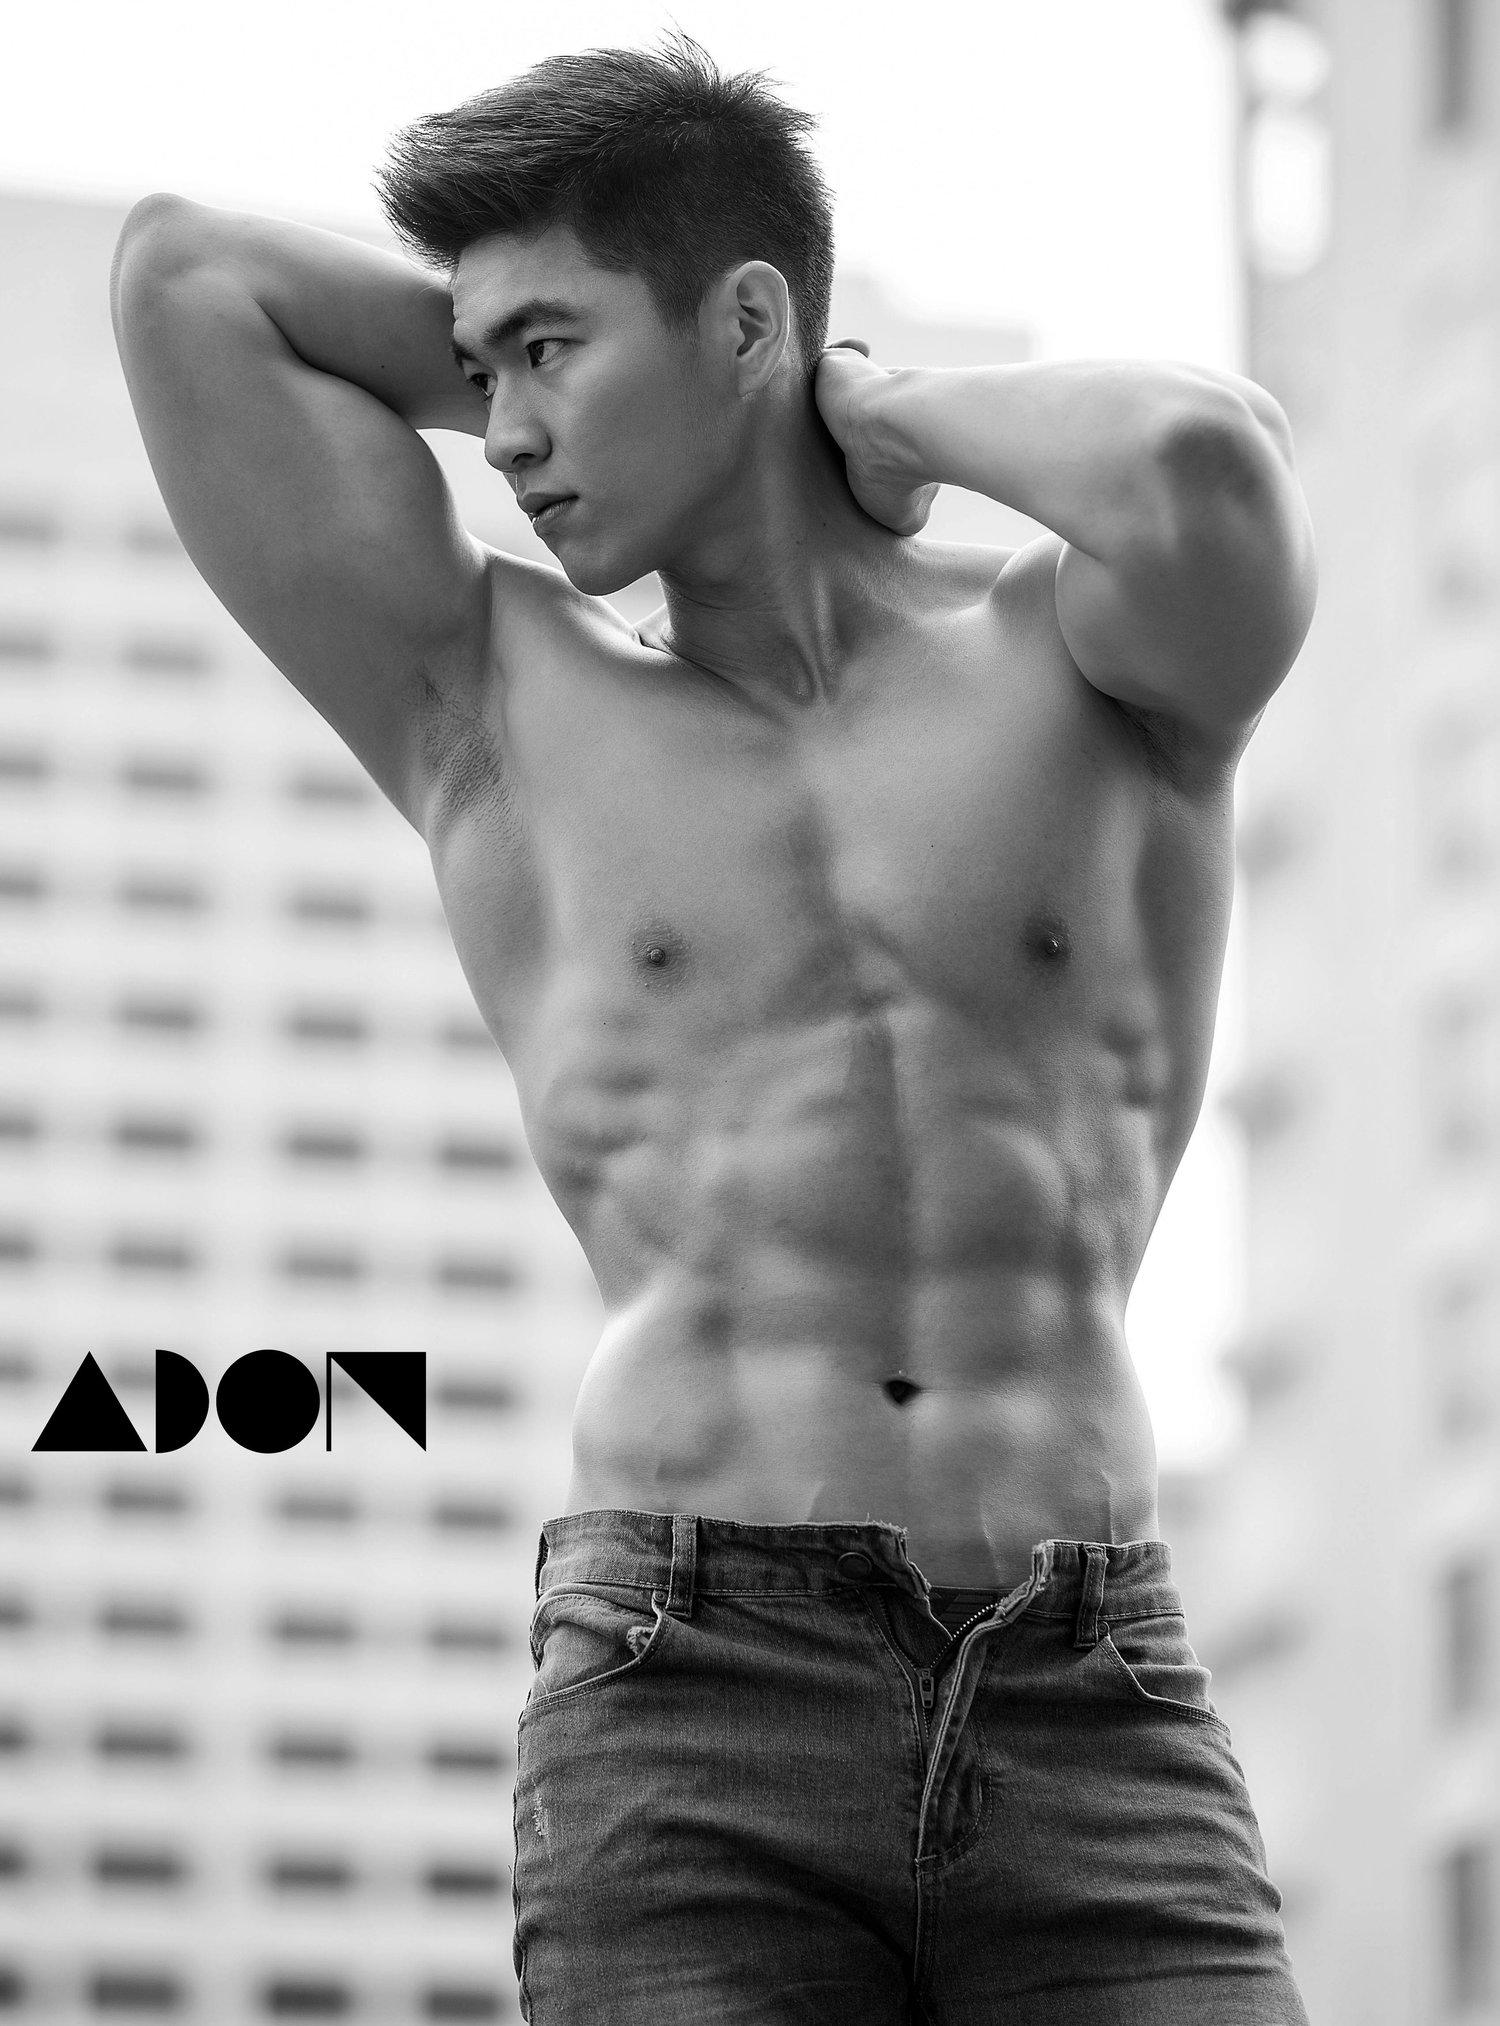 Adon Exclusive: Model Gan Kai Han By Jason Oung